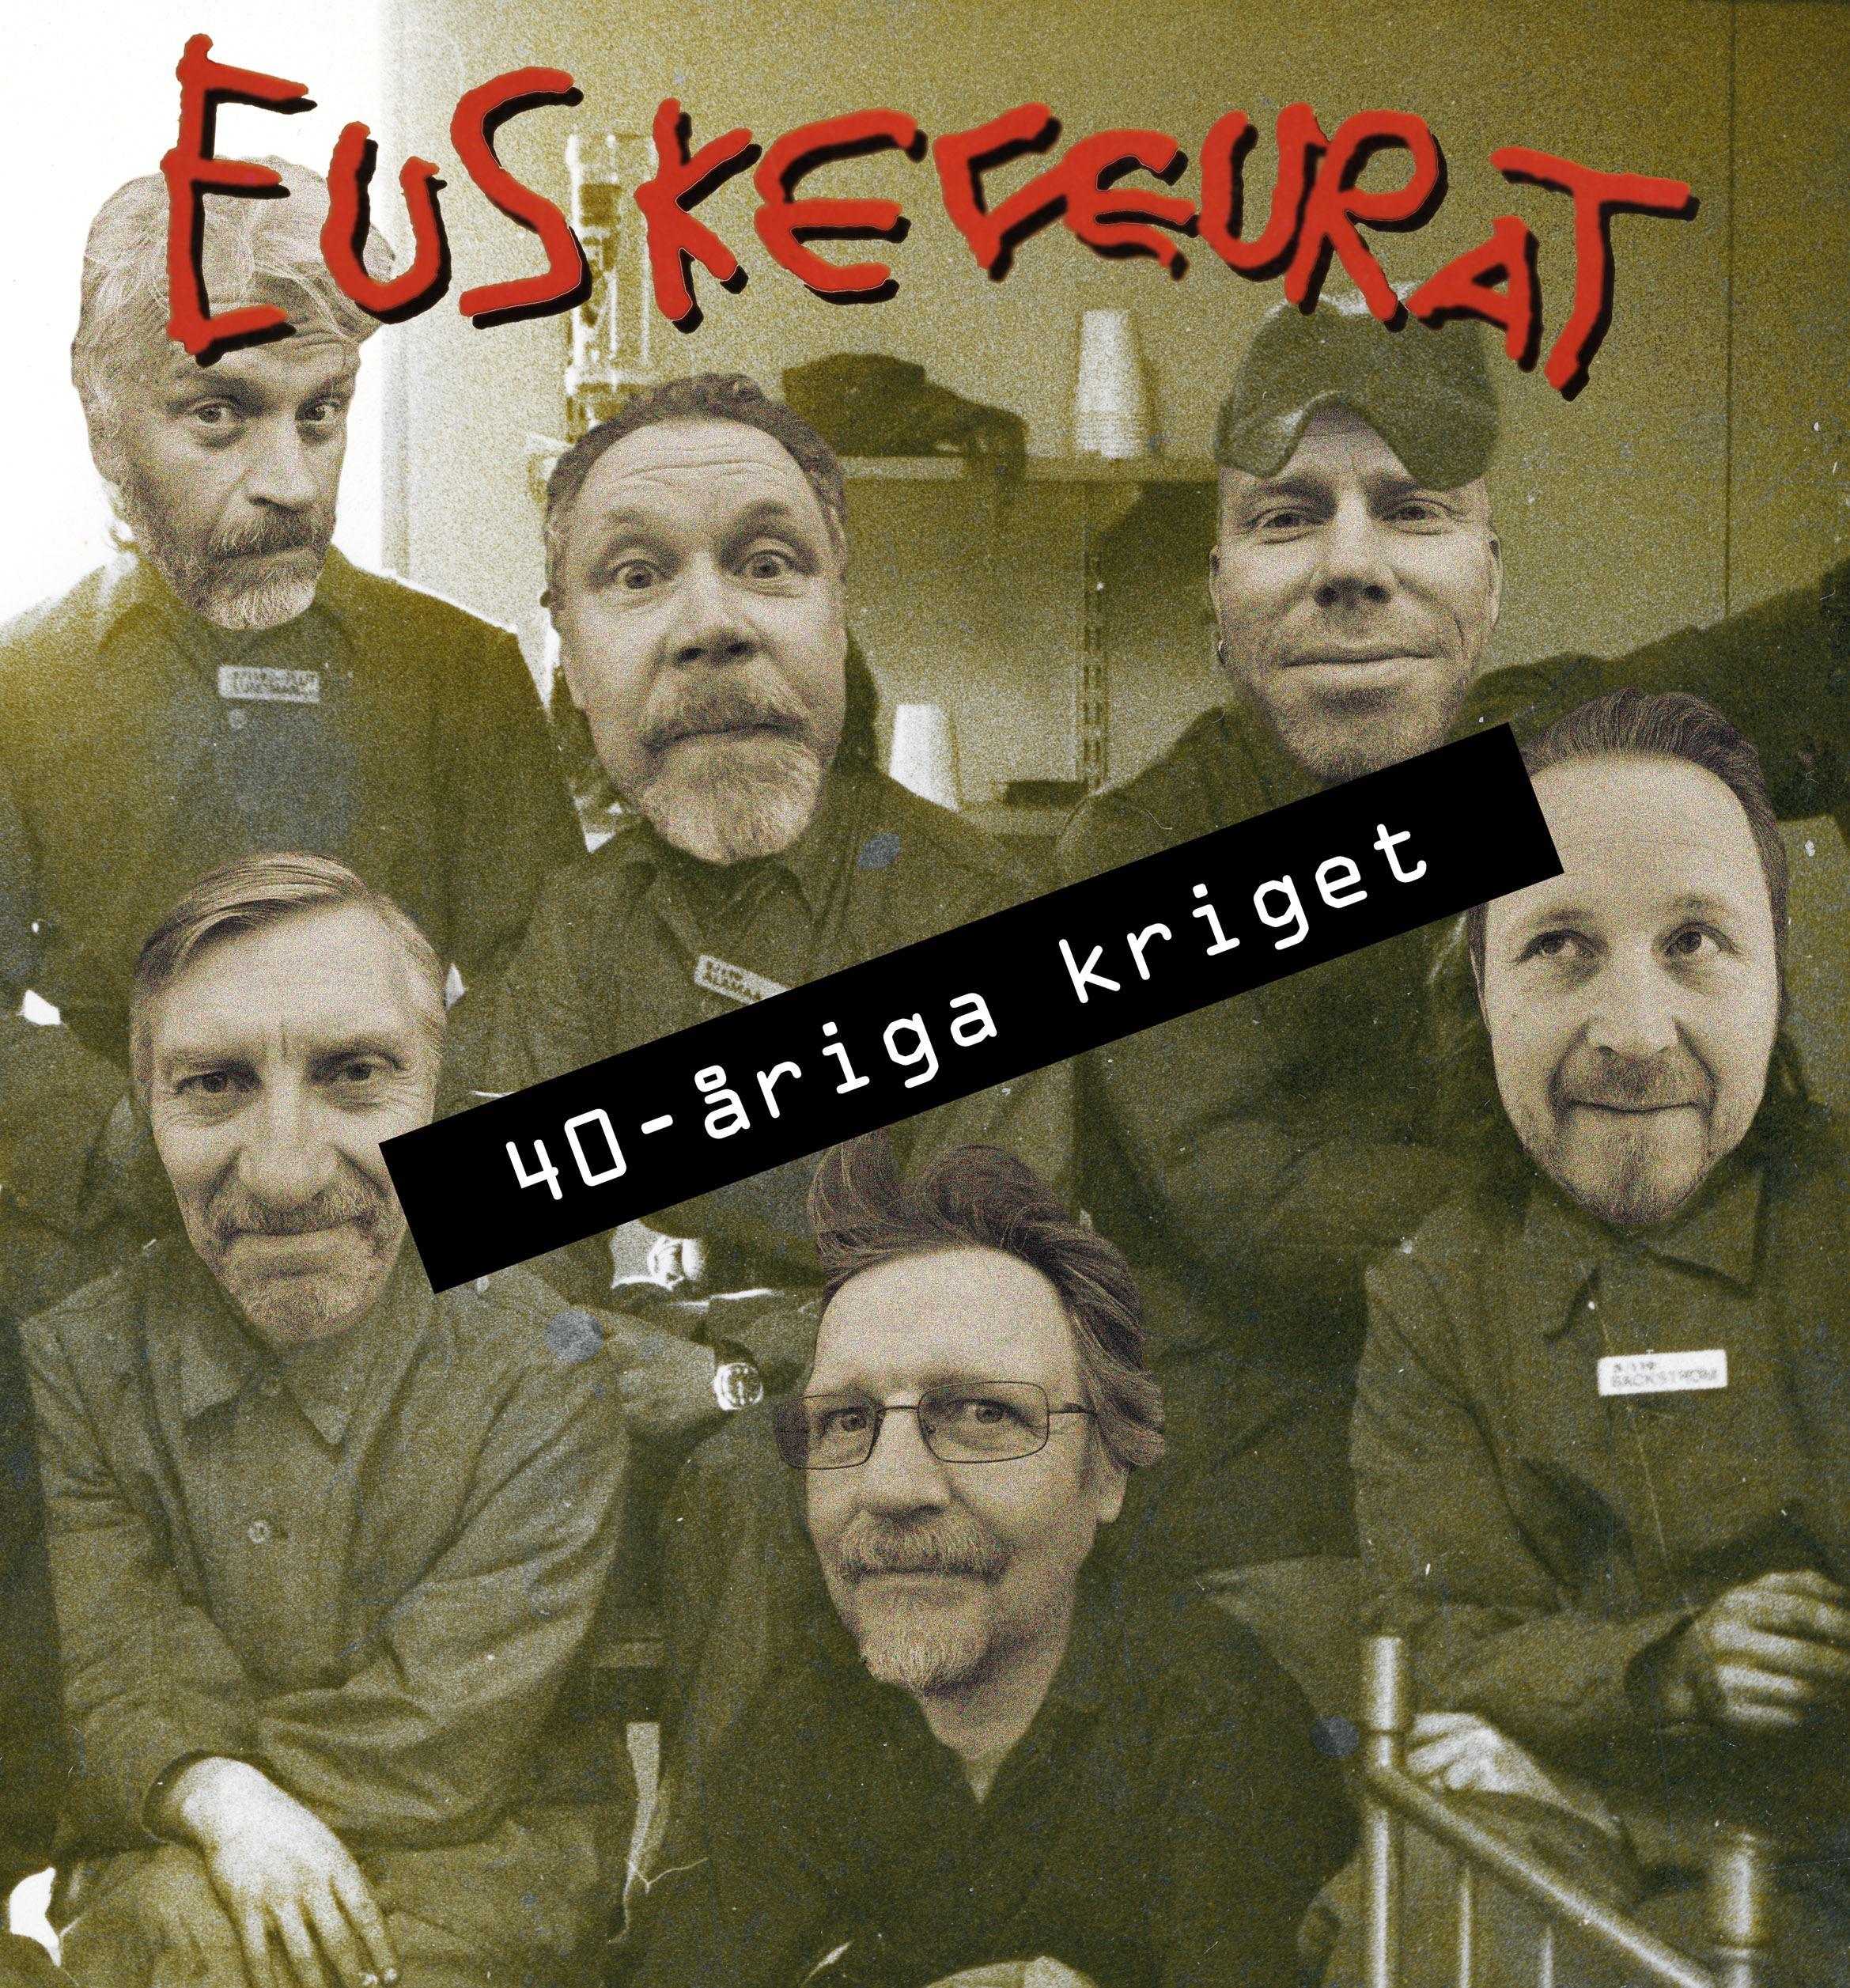 Euskefeurat - 40 åriga kriget